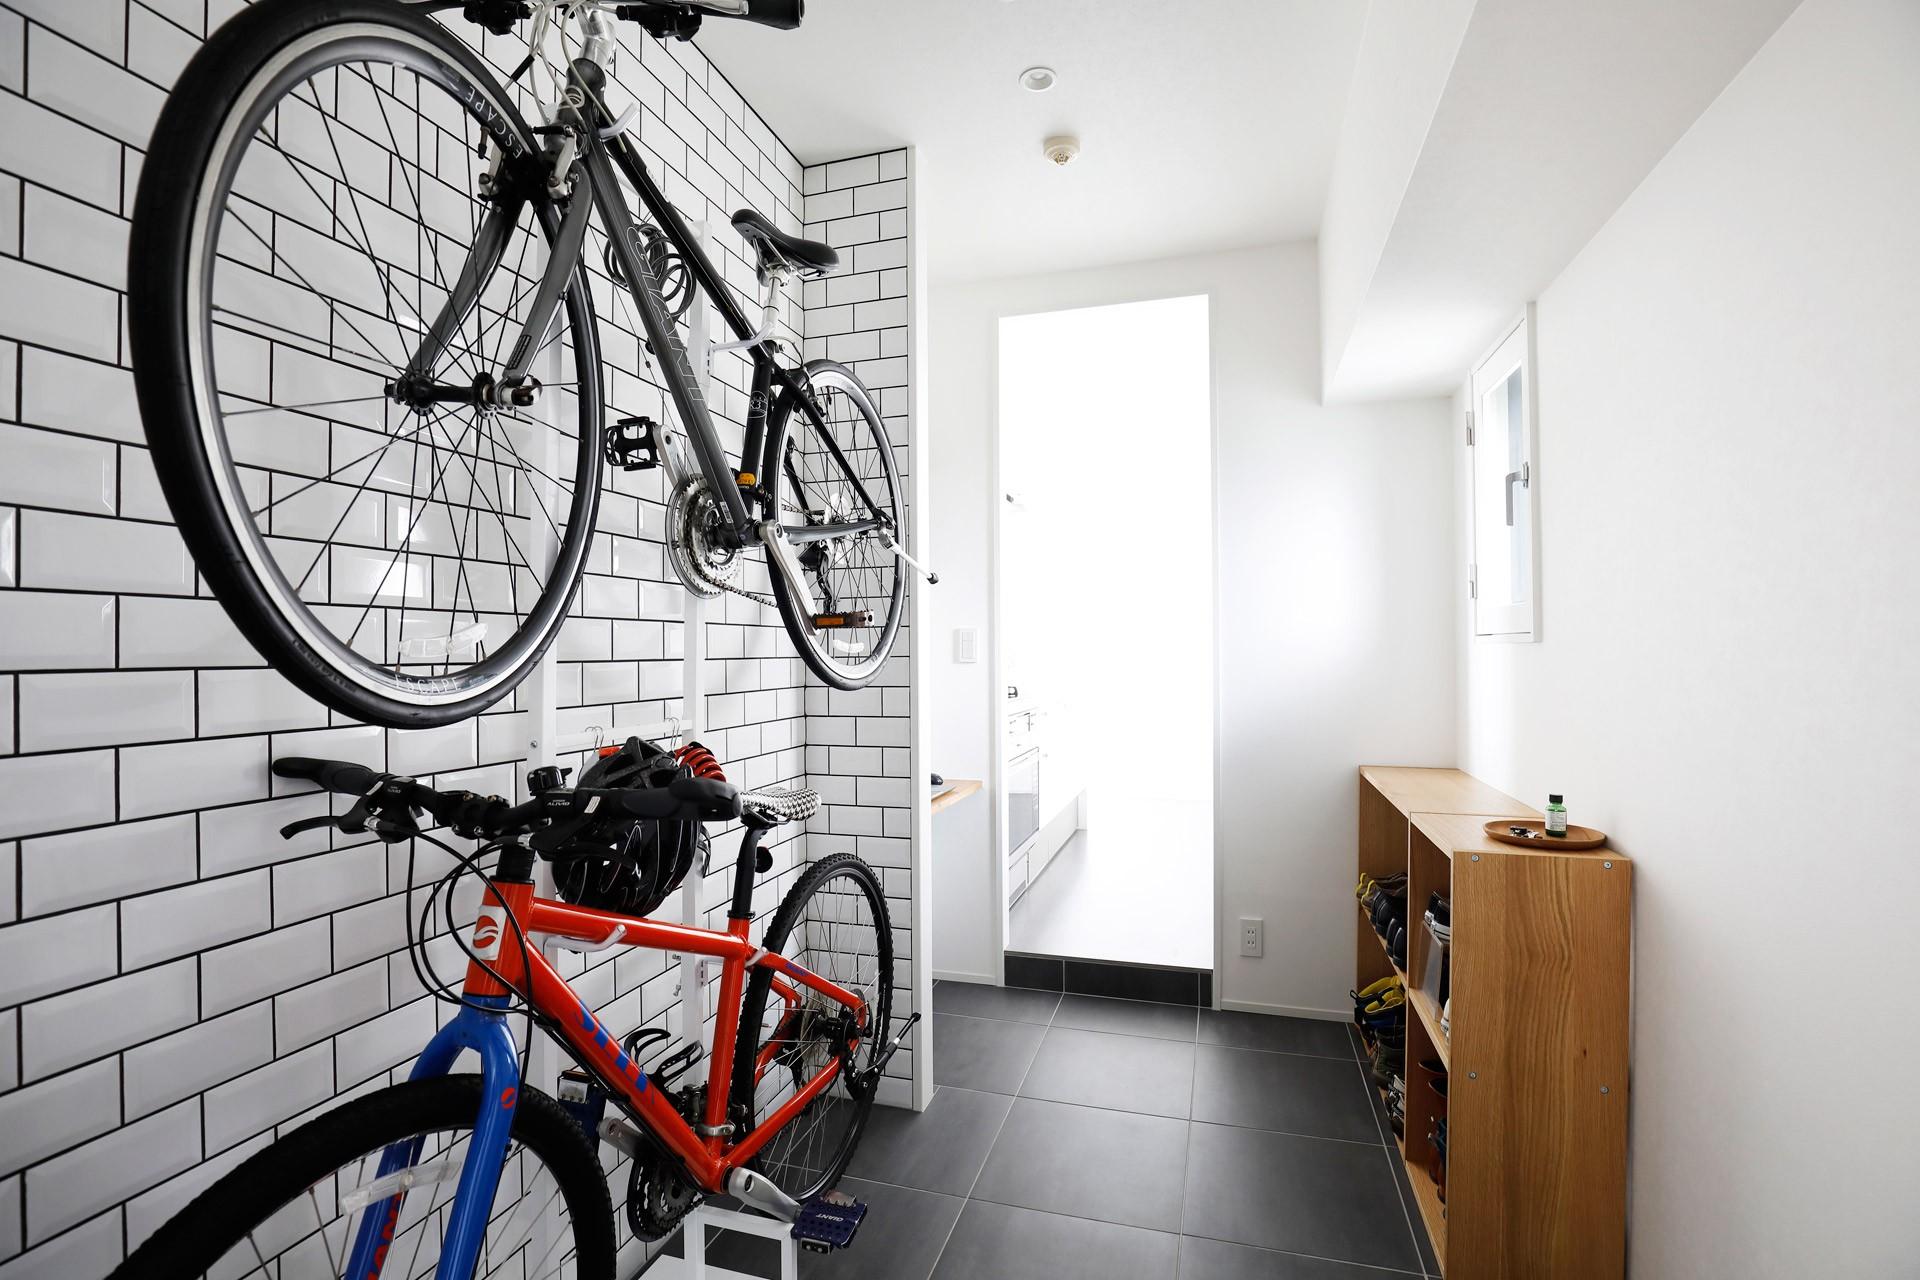 玄関事例:自転車が出迎える玄関土間(玄関が広くドアのない空間は、明るく開放的で暮らしやすさ抜群。)